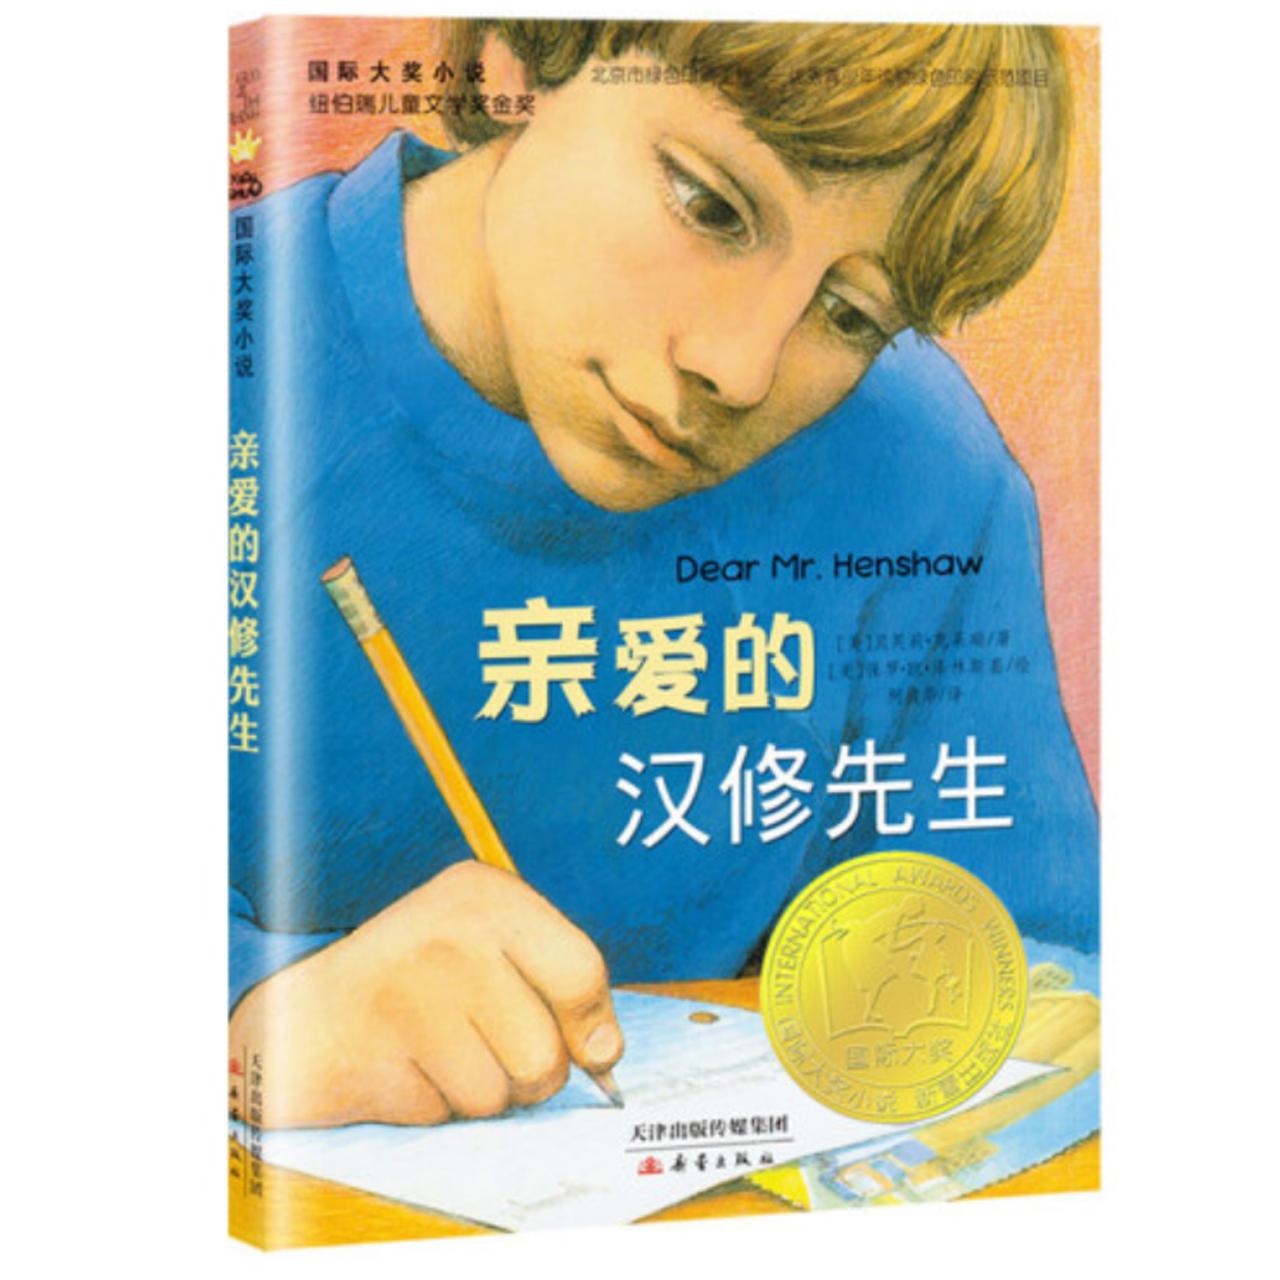 国际大奖小说——亲爱的汉修先生 【儿童小说/青少年读物/儿童文学】